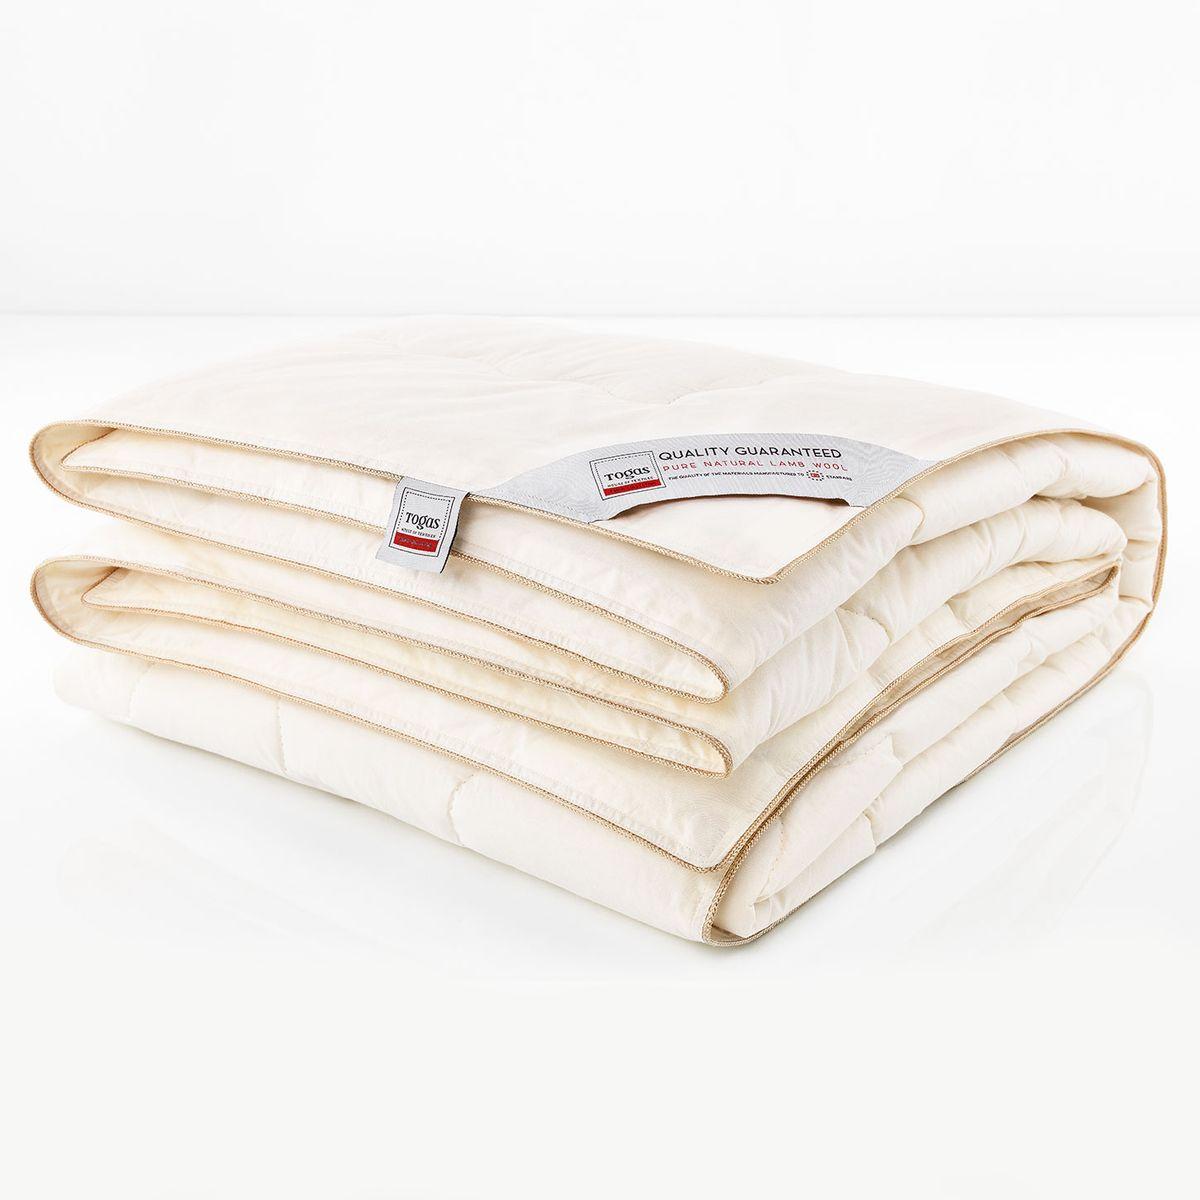 """Одеяло Togas Прима, наполнитель: овечья шерсть, 200 х 210 см20.04.17.0011Овечья шерсть используется для изготовления подушек и одеял с незапамятных времен. Трудно переоценить их драгоценные свойства, рожденные самой природой. Сильный ветер и перепады температур на горных пастбищах, где испокон веков пасутся овцы, способствовали образованию роскошной легкой шубки, которая согревает в самый суровый холод - и отлично вентилирует в жару. Людям удалось создать материалы, аналогичные по своим теплорегулирующим свойствам, - но повторить целебные свойства шерсти не смог еще ни один ученый. Овечья шерсть содержит природное вещество - ланолин. Поэтому одеяла из натуральной шерсти рекомендуют людям, страдающим радикулитом, остеохондрозом и повышенным кровяным давлением. Шерсть способна создавать сухое тепло, которое оказывает благотворное воздействие на суставы. Такие одеяла по-настоящему """"дышат"""": между шерстяными волокнами постоянно циркулирует воздух, который помогает выводить лишнее тепло и влагу, создавая идеальный микроклимат во время сна. Нежное ощущение..."""